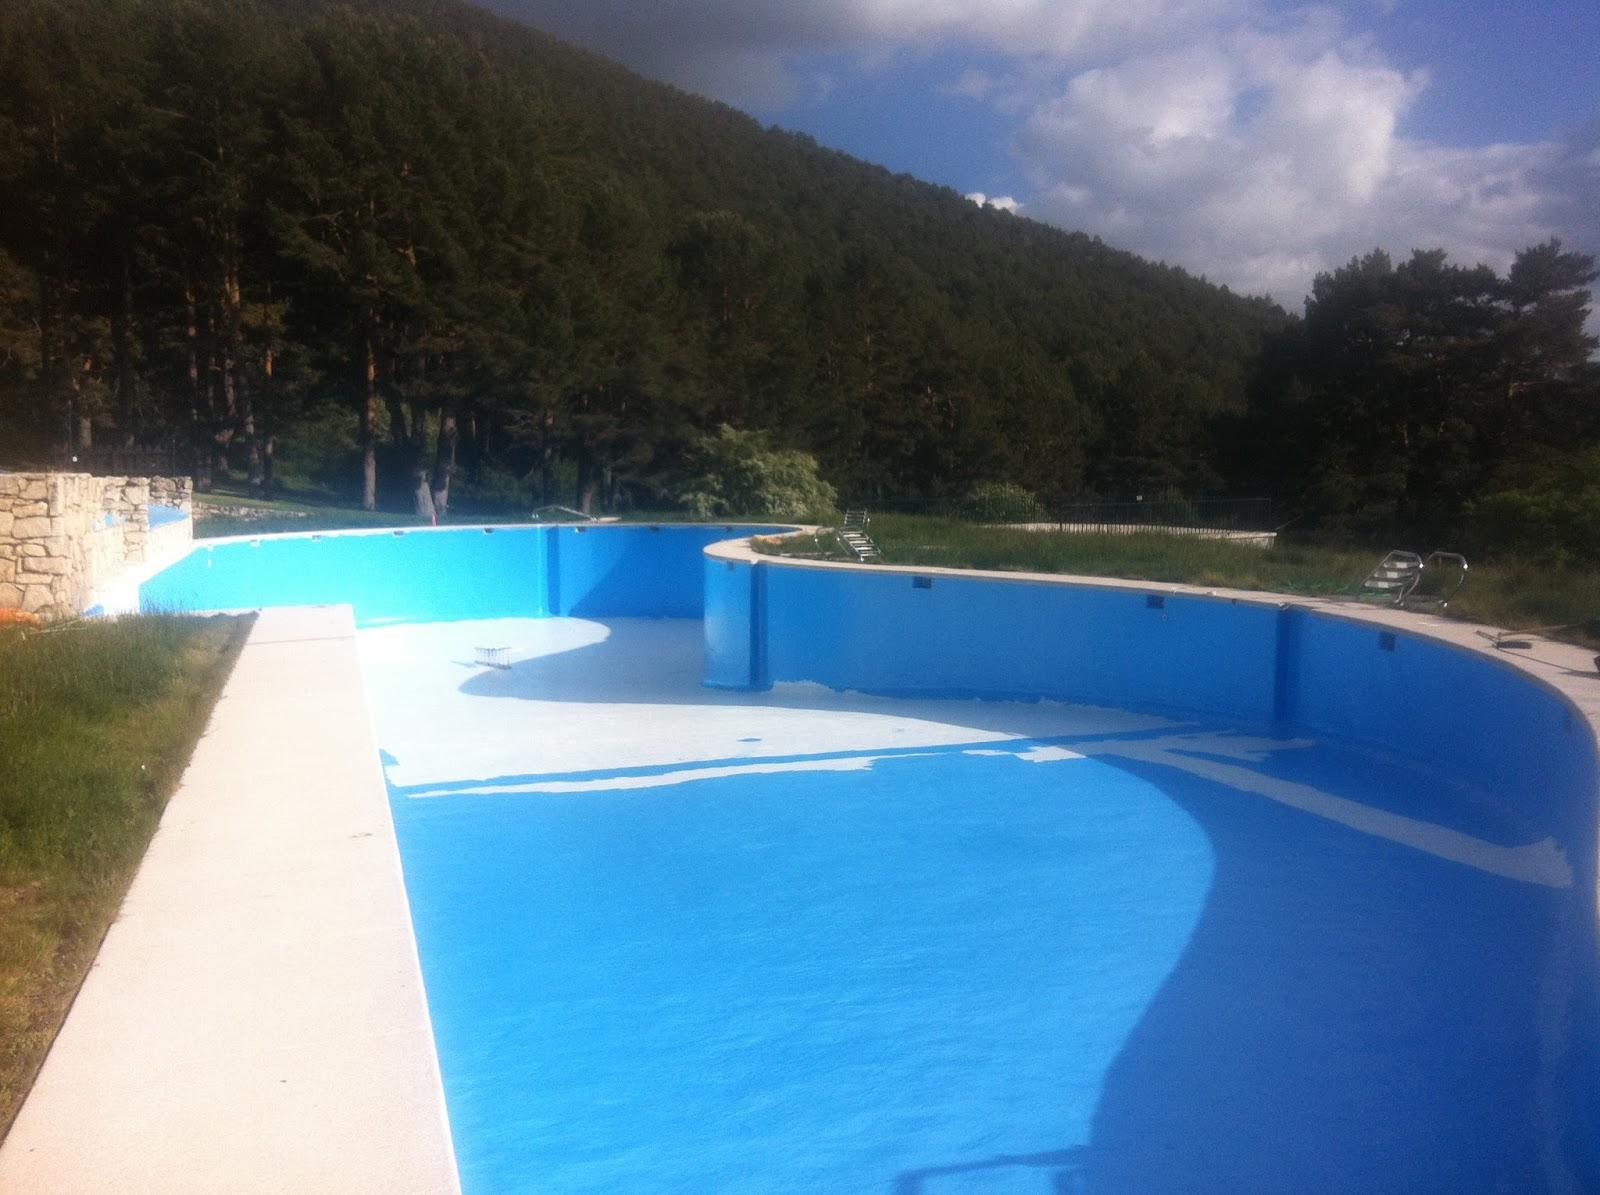 Pintura y madera piscinas de poliester pintado for Pintado de piscinas